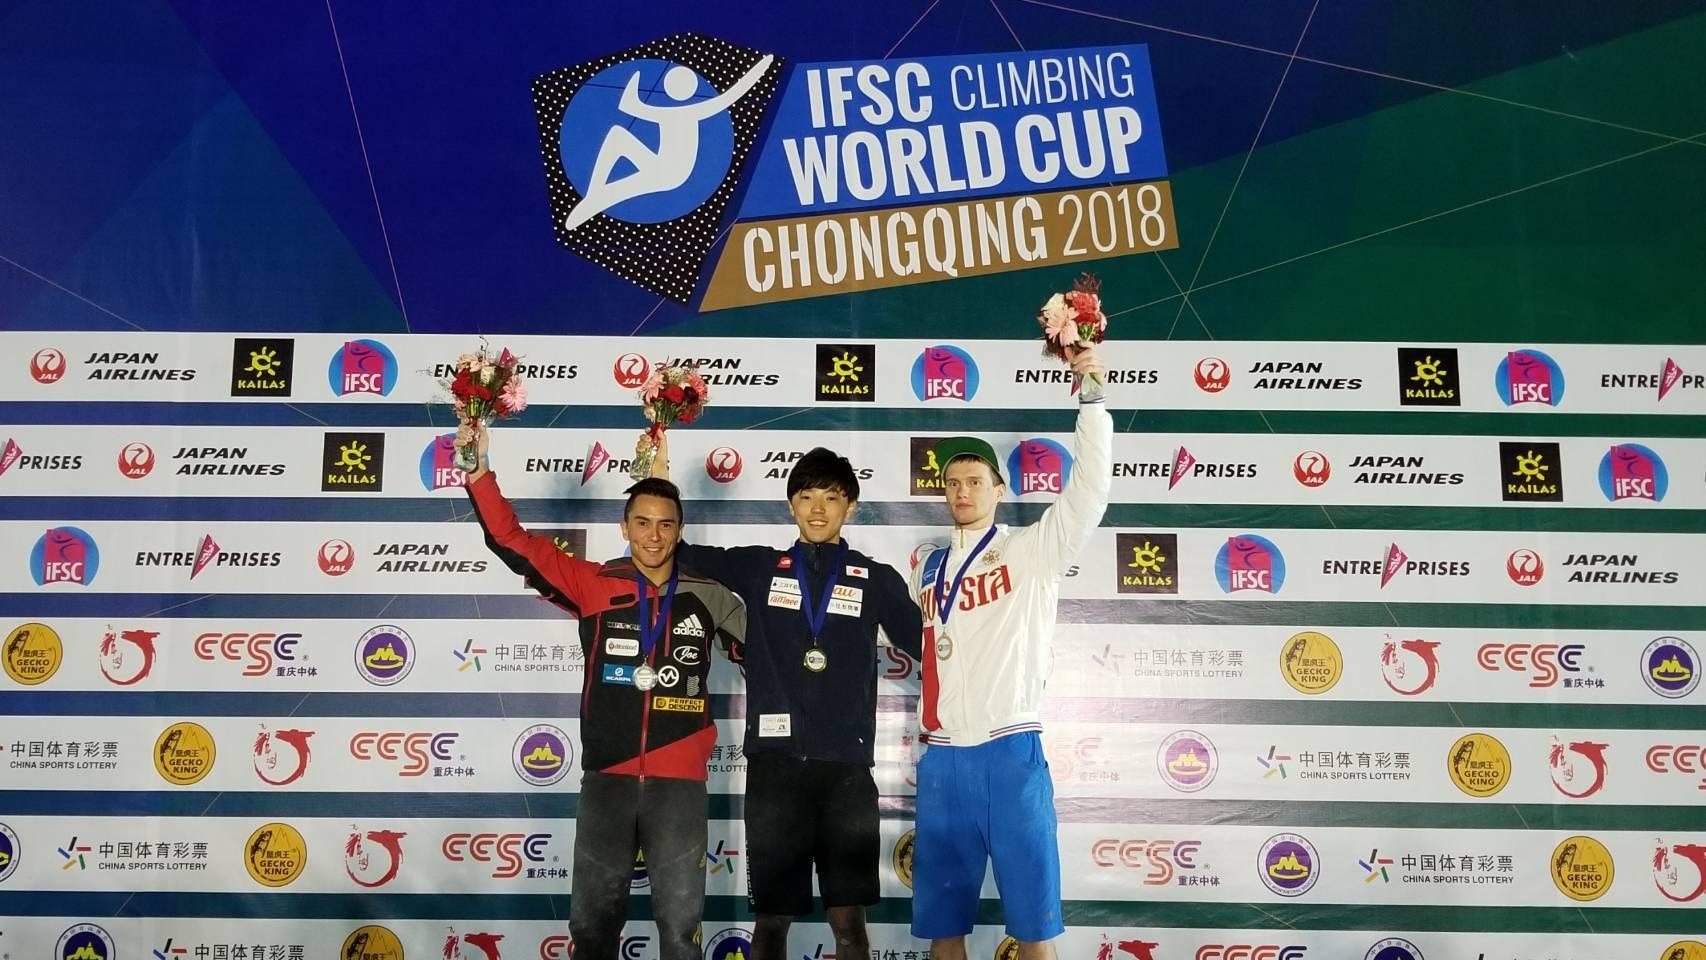 中央は重慶大会のボルダリング男子で優勝を果たした藤井快(TEAM au) 提供:JMSCA